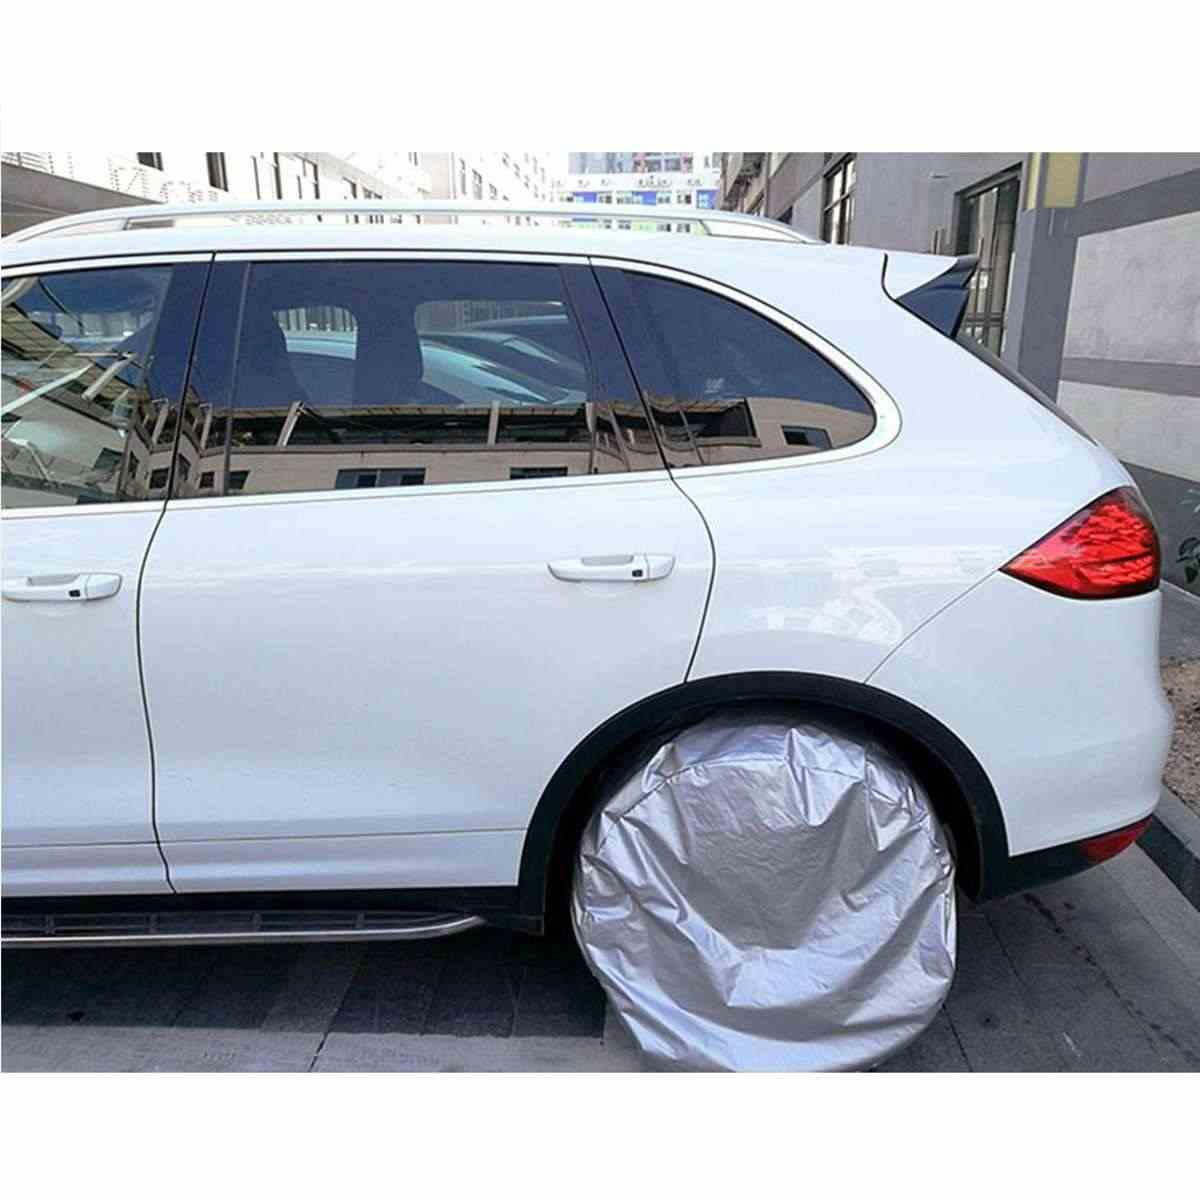 4 sztuk M/L srebrny samochód plandeki koła zapasowego koła pokrowiec na oponę przypadku miękka torba Protector dla SUV Off- pojazd terenowy samochód Protector